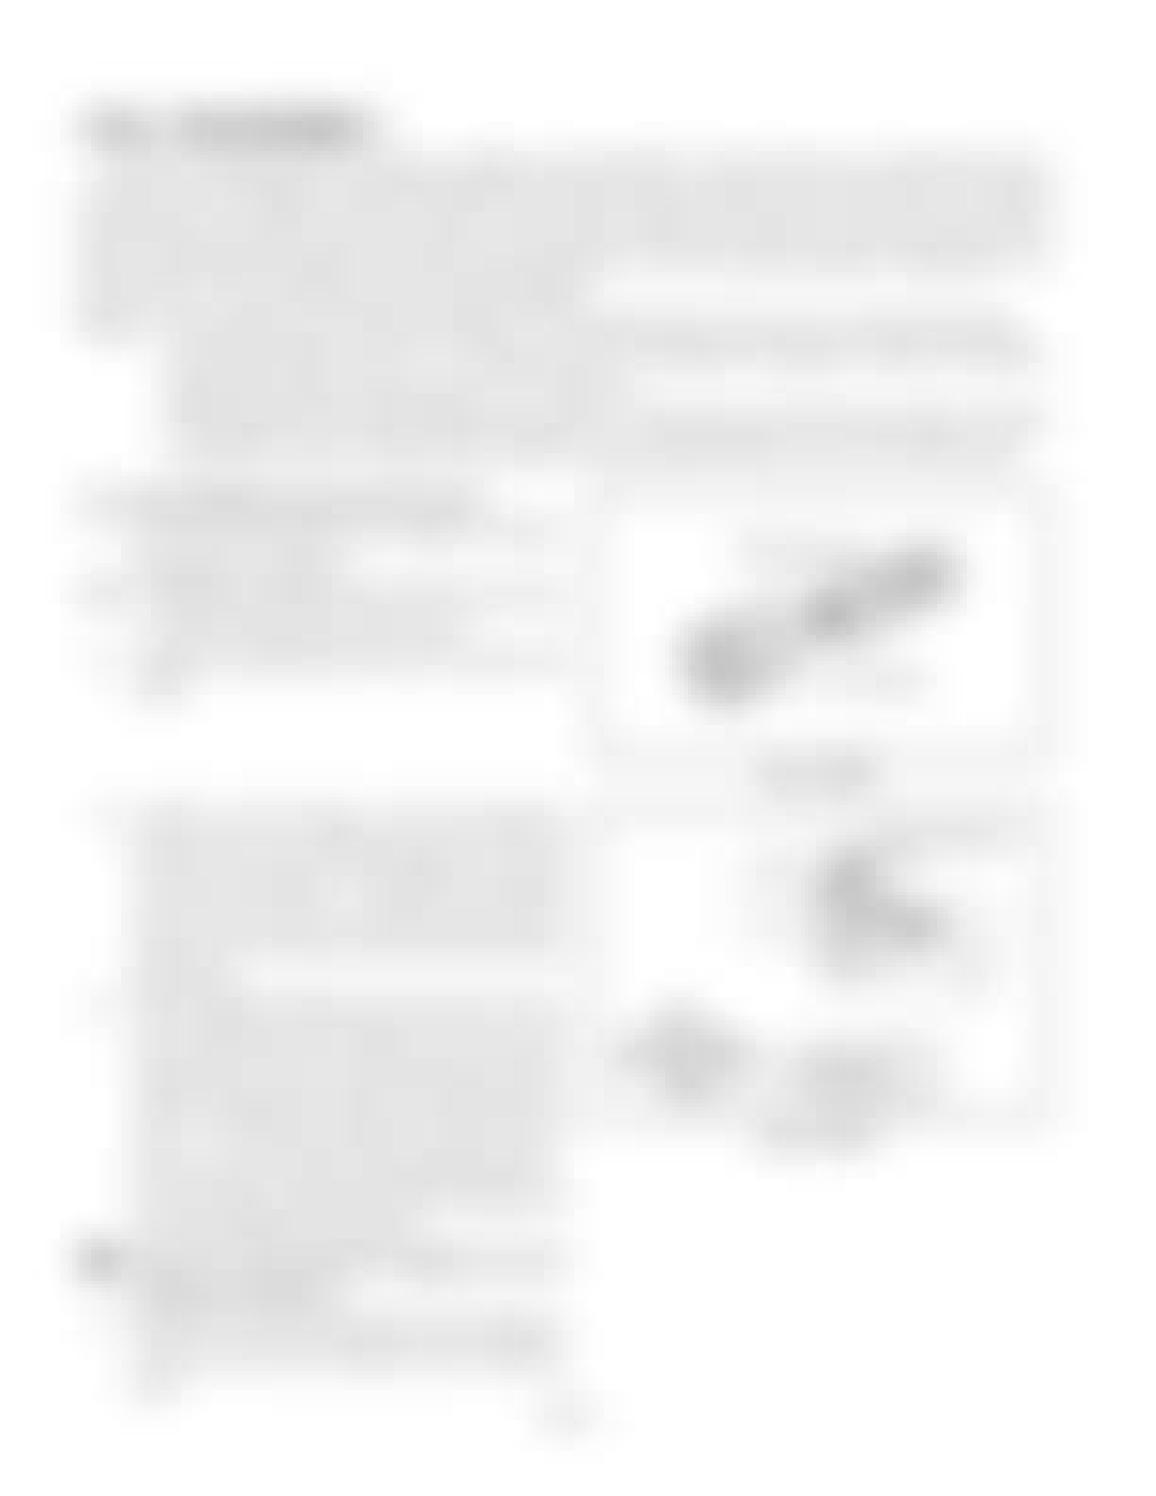 Hitachi LX110-7 LX130-7 LX160-7 LX190-7 LX230-7 Wheel Loader Workshop Manual - PDF DOWNLOAD page 296